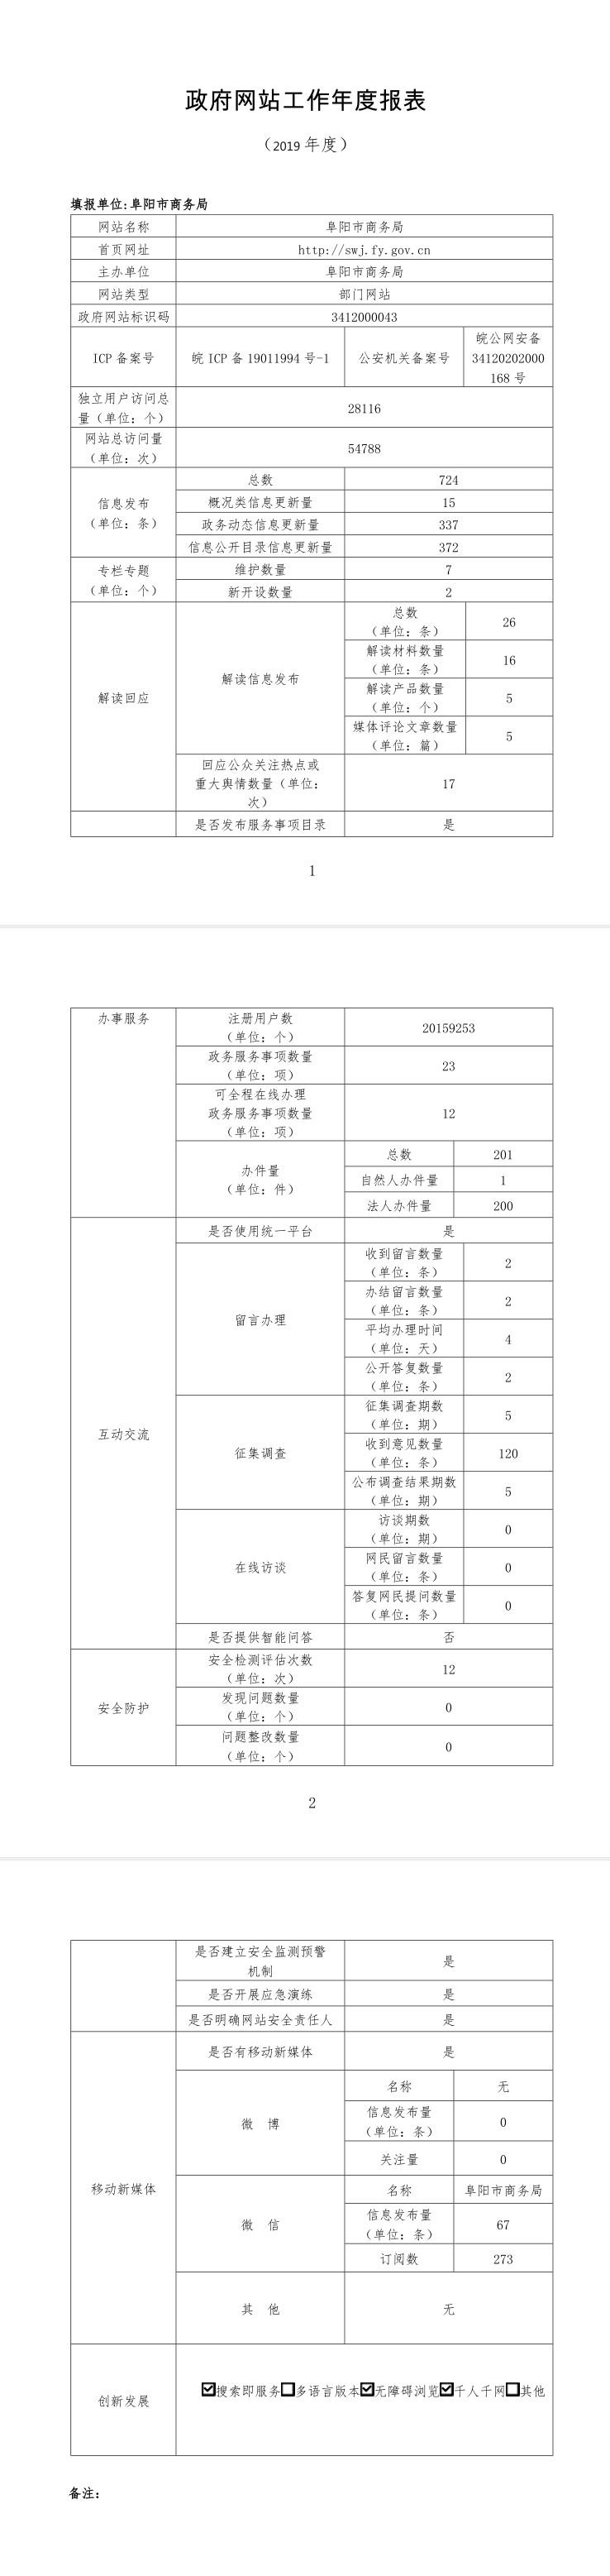 阜阳市商务局2019年度政府网站工作报表.png